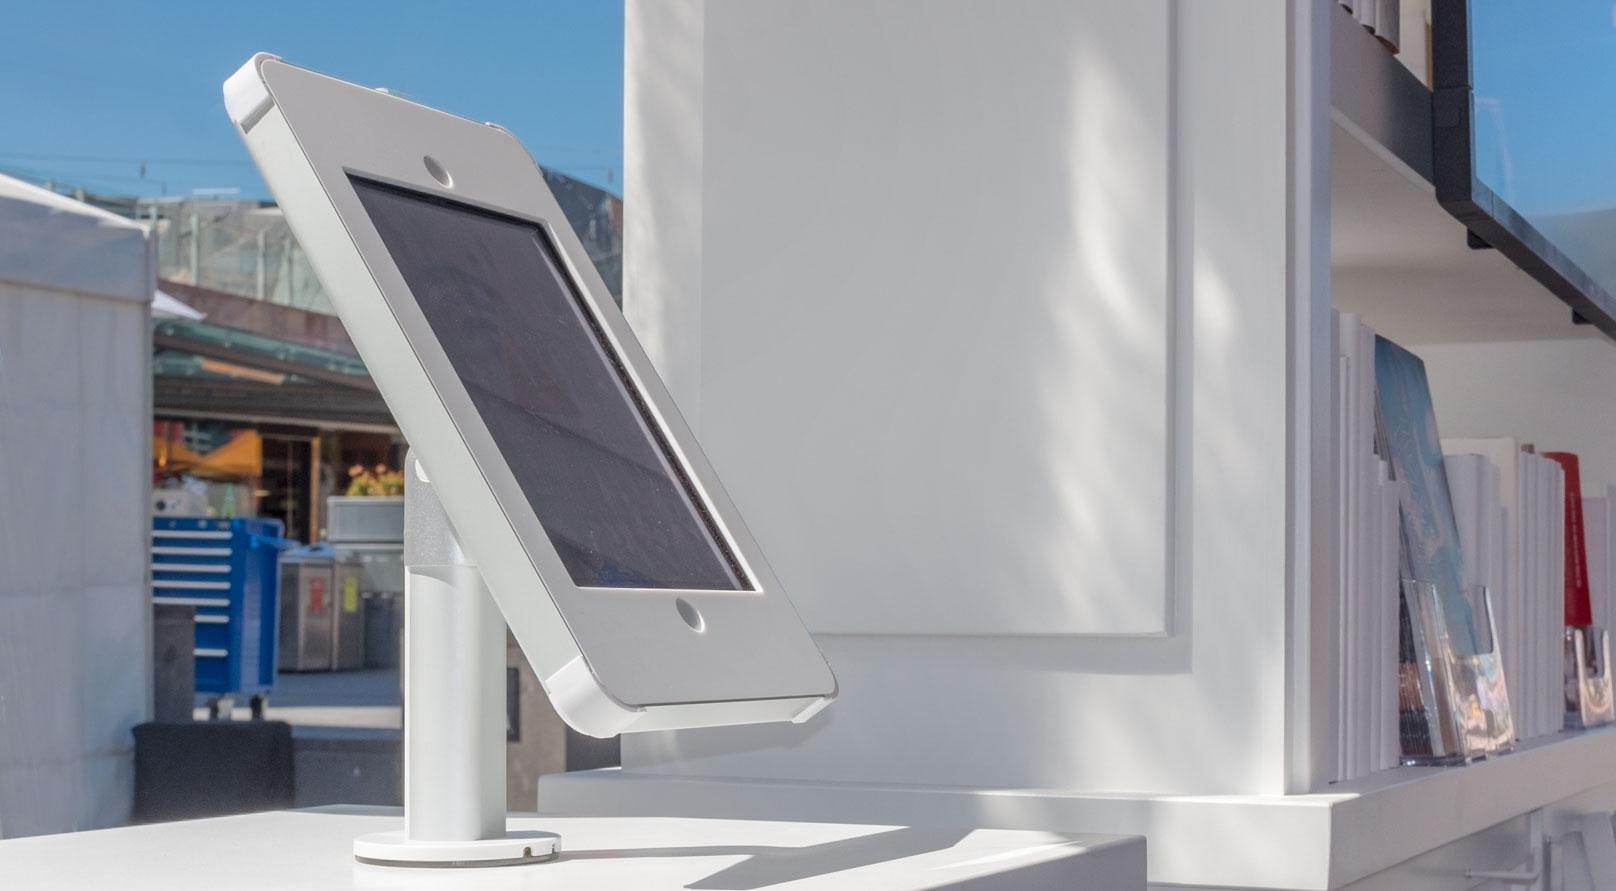 Desk Mount iPad enclosure Event